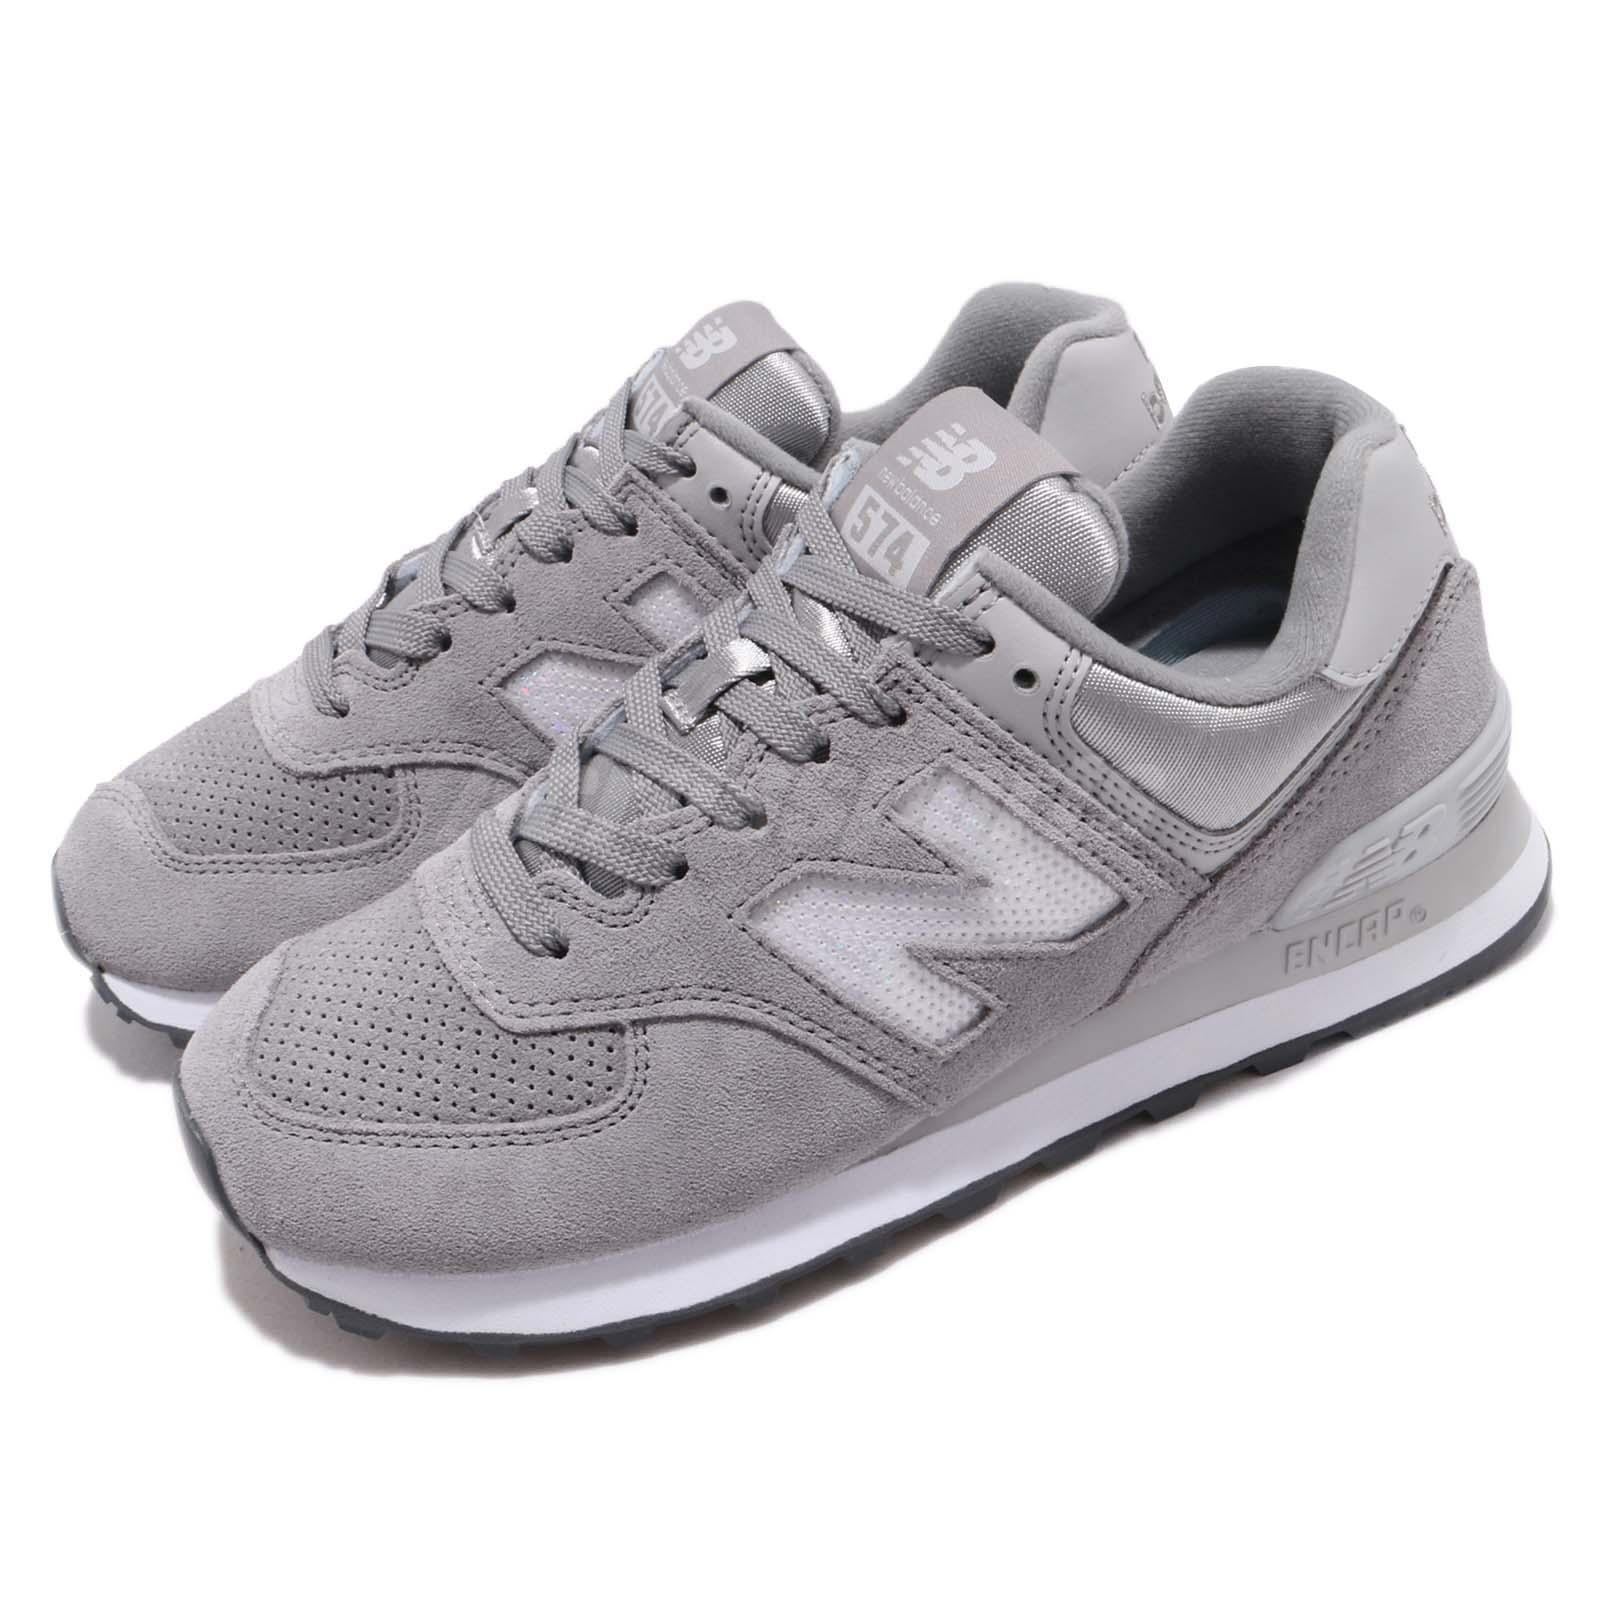 nouveau   WL574FHC B gris blanc femmes FonctionneHommest Décontracté chaussures paniers WL574FHCB